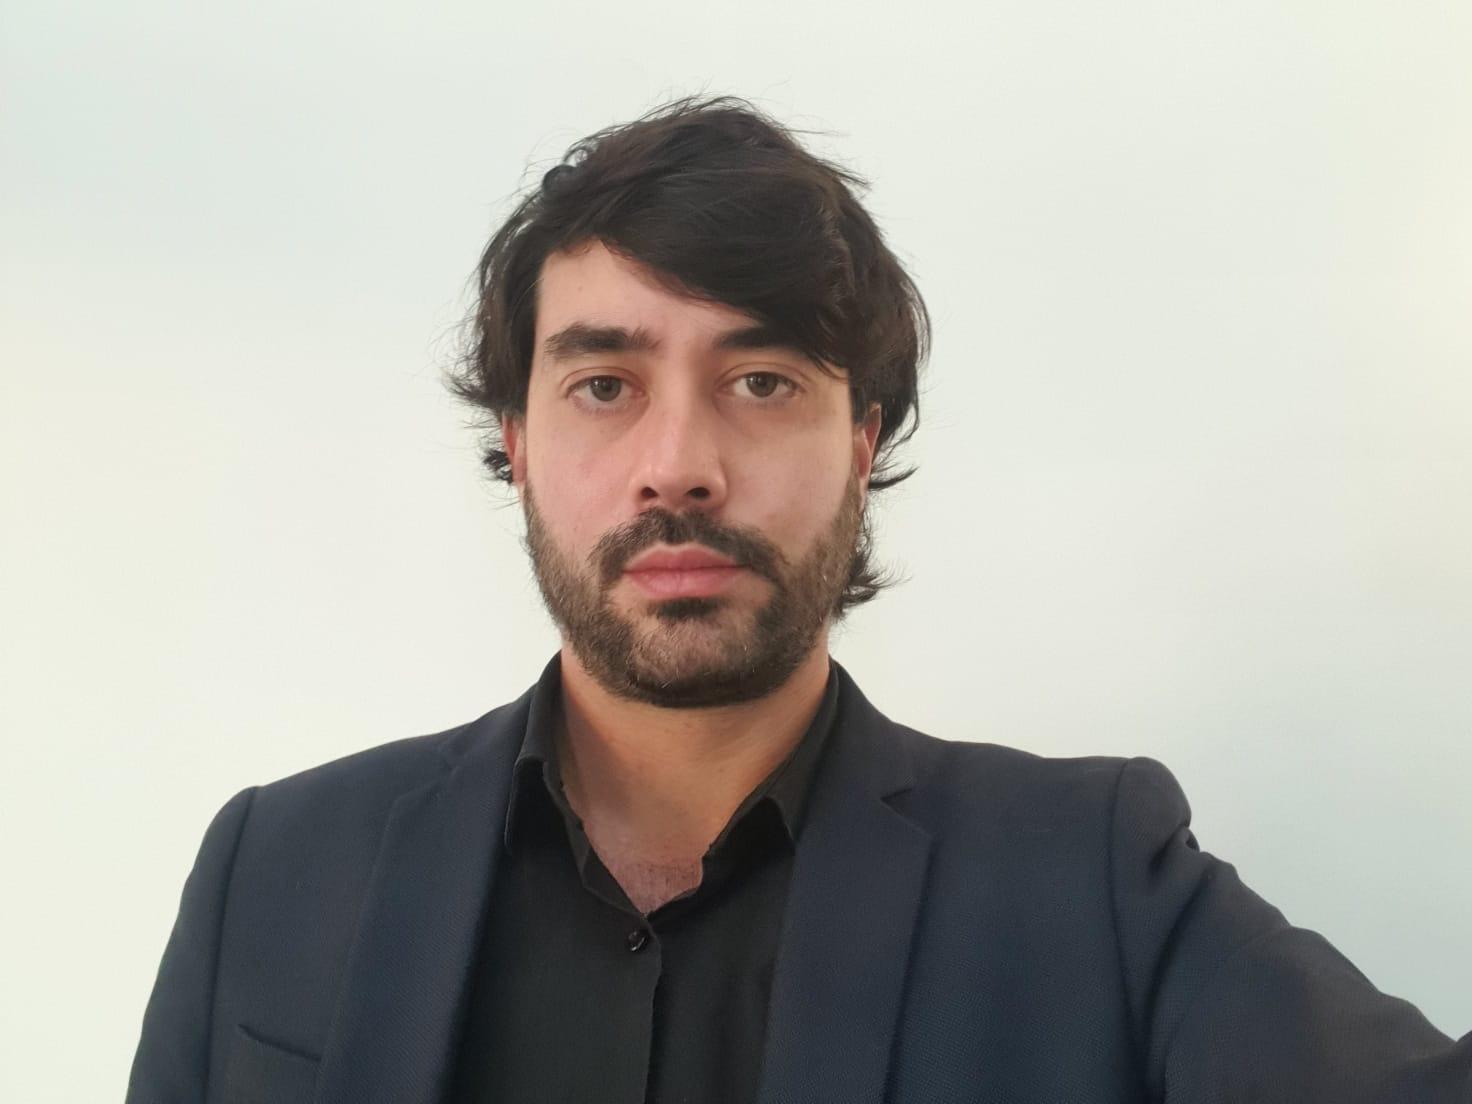 Javier Gomariz Clemente